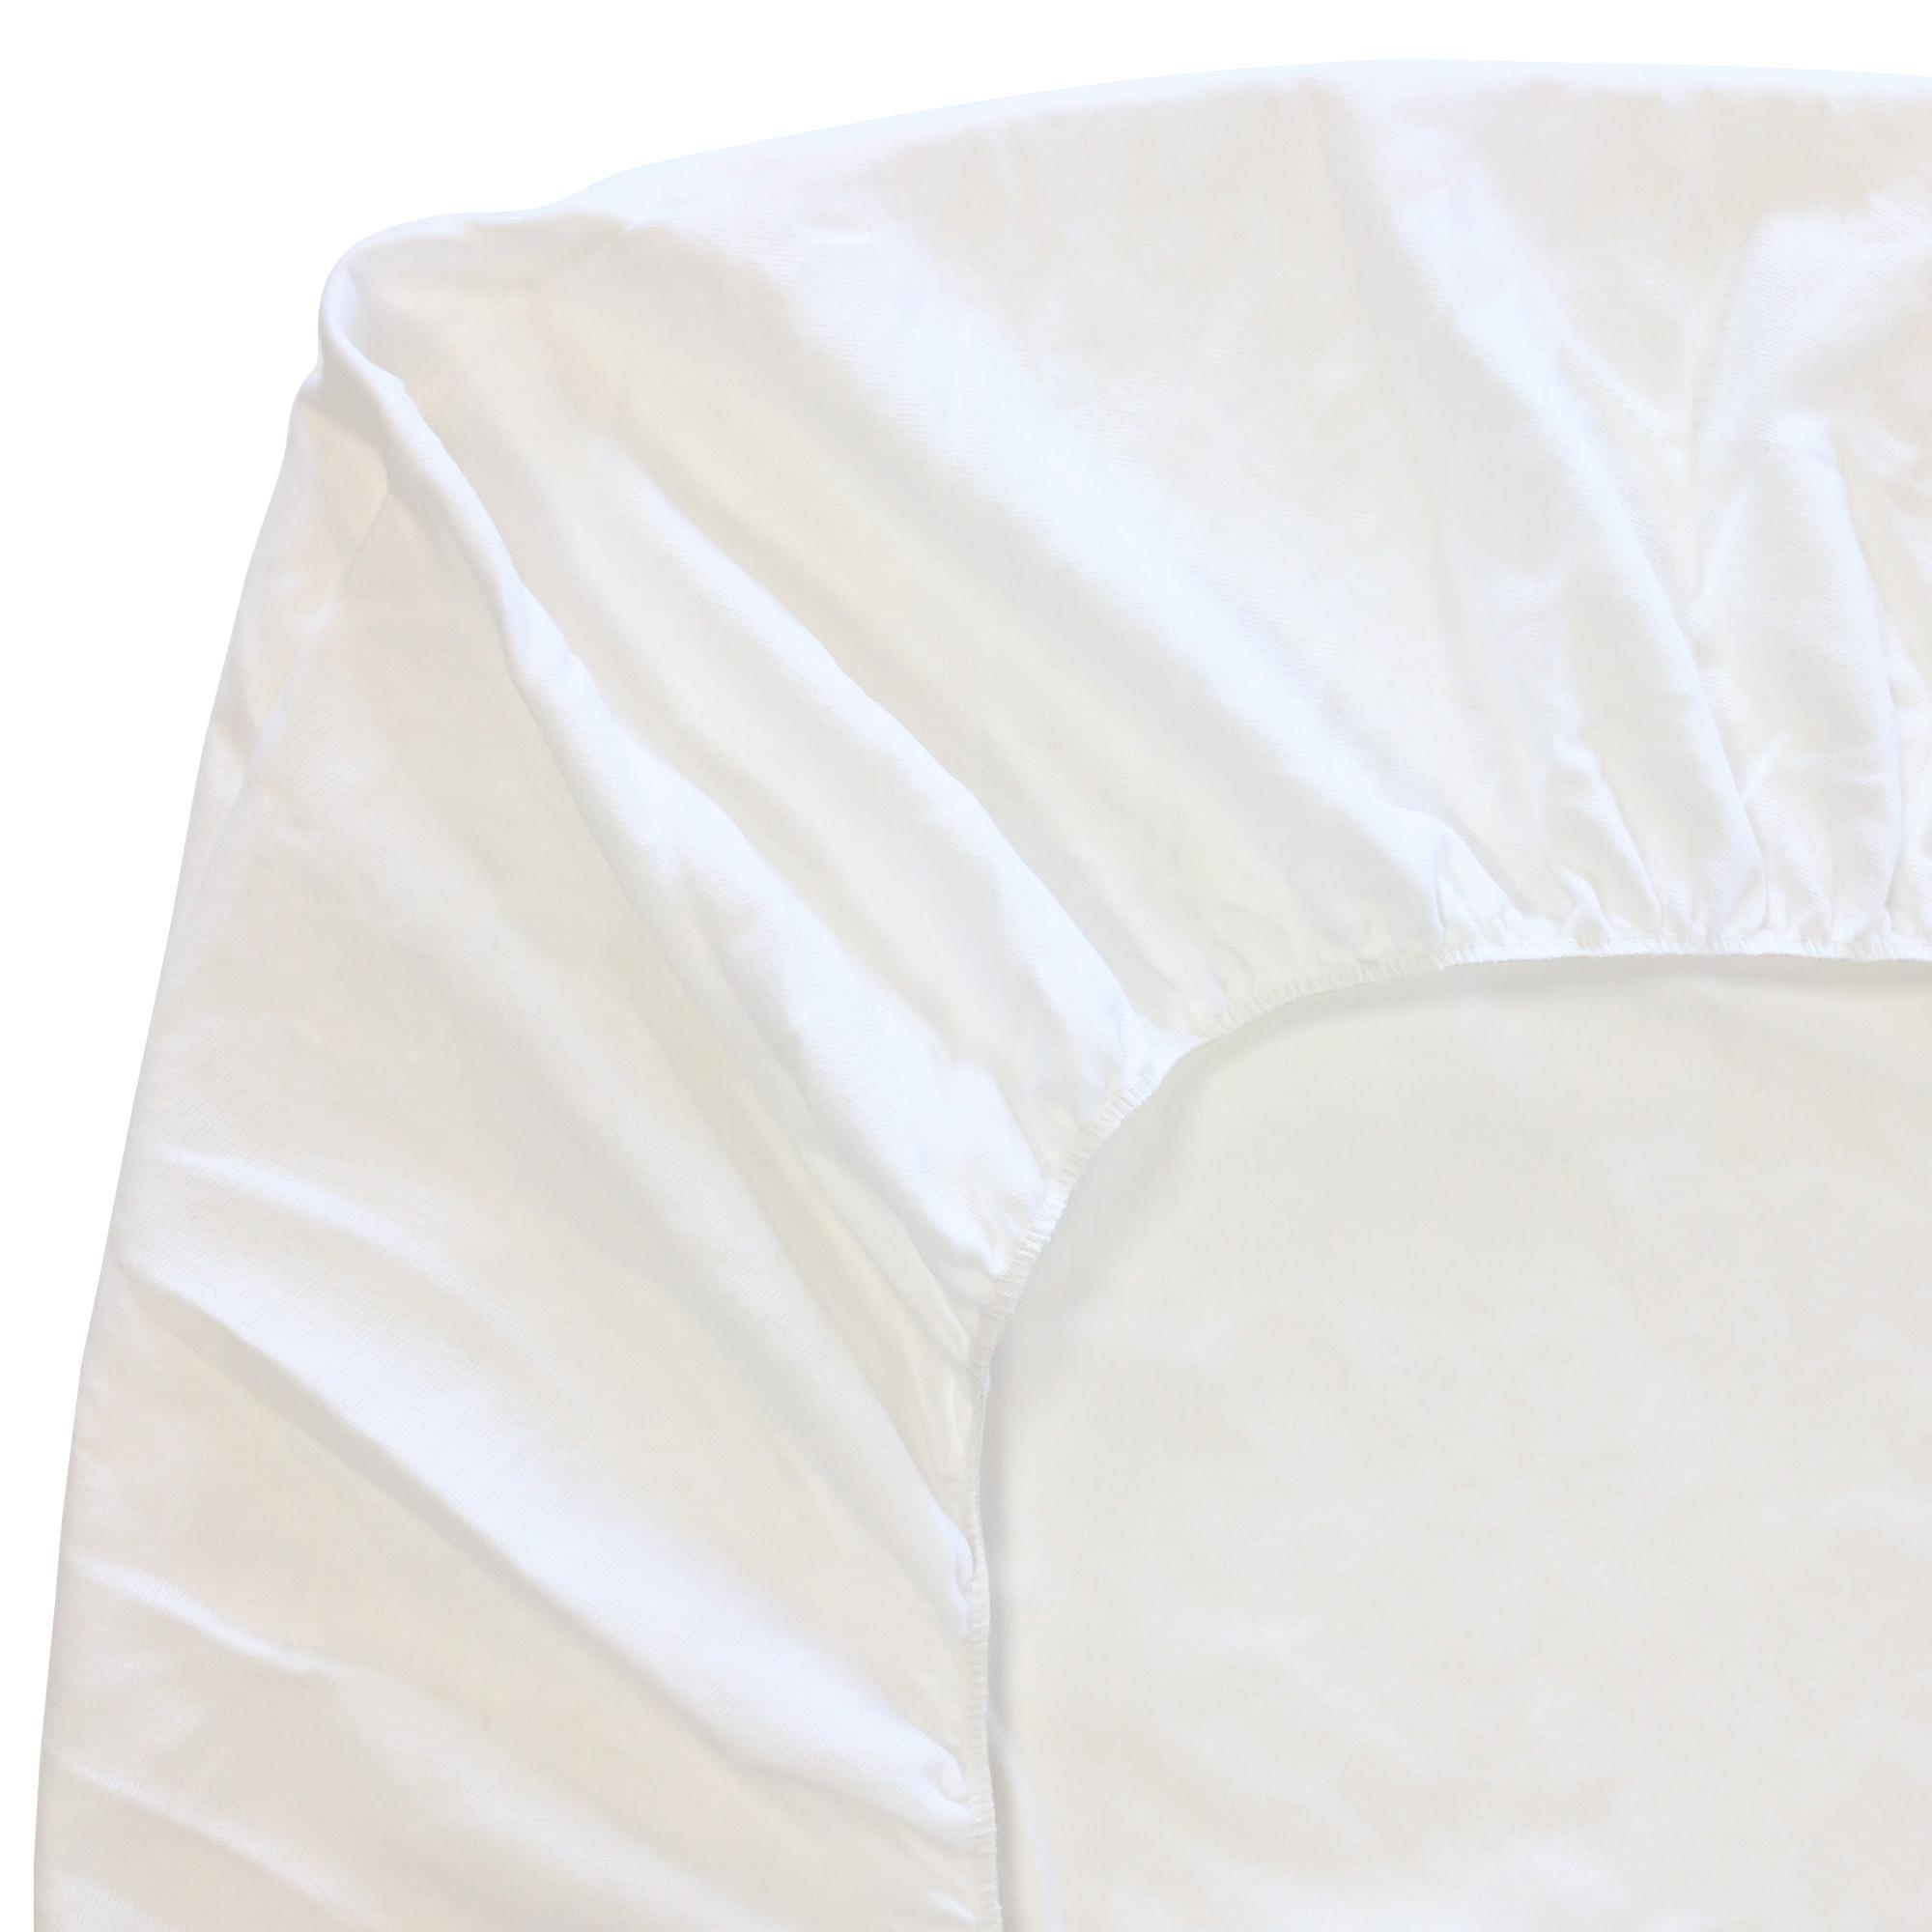 Protège Matelas 140x200 Cm ACHUA   Molleton 100% Coton 400 G/m2, Bonnet 40cm